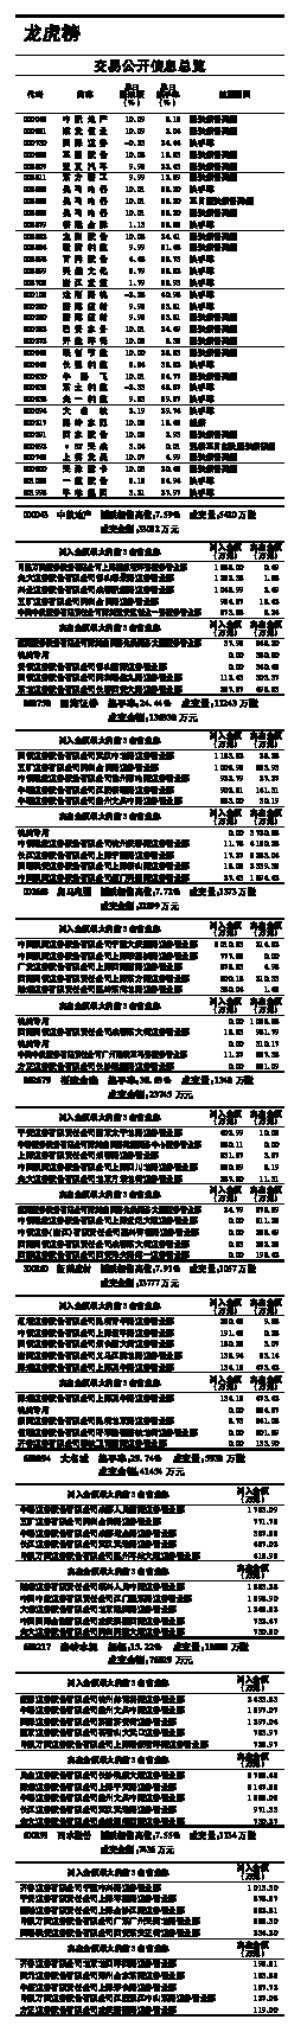 (专题数据由上海聚源数据服务有限公司提供,数据来源于上市公司公告,若有出入,请以公告为准)